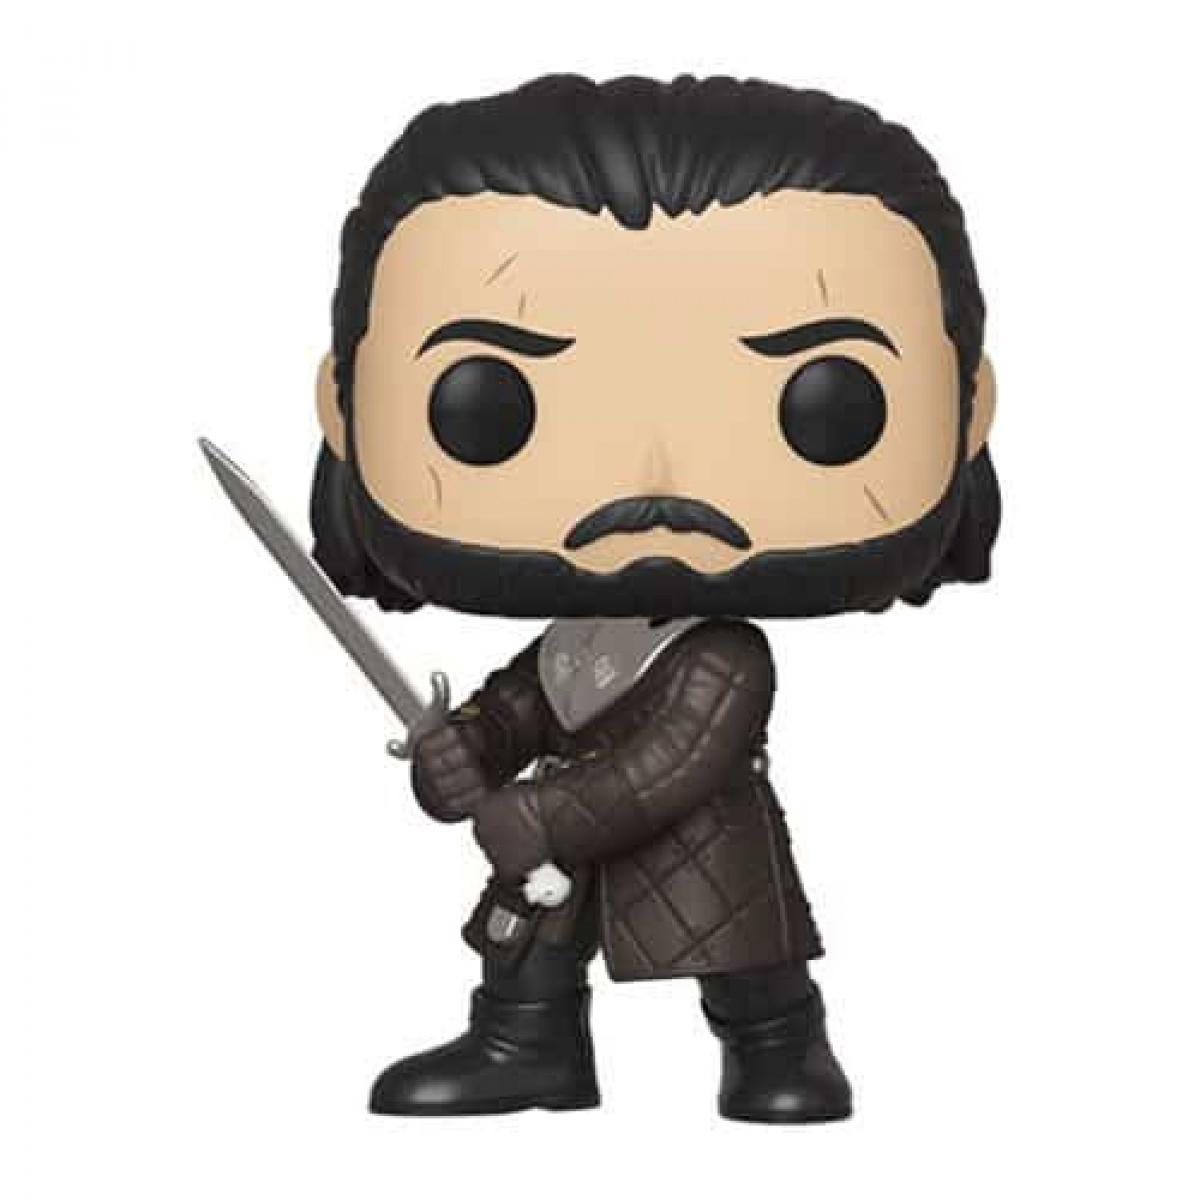 Funko Pop! Game of Thrones Jon Snow S11 Pop! Vinyl Figure Figures 4